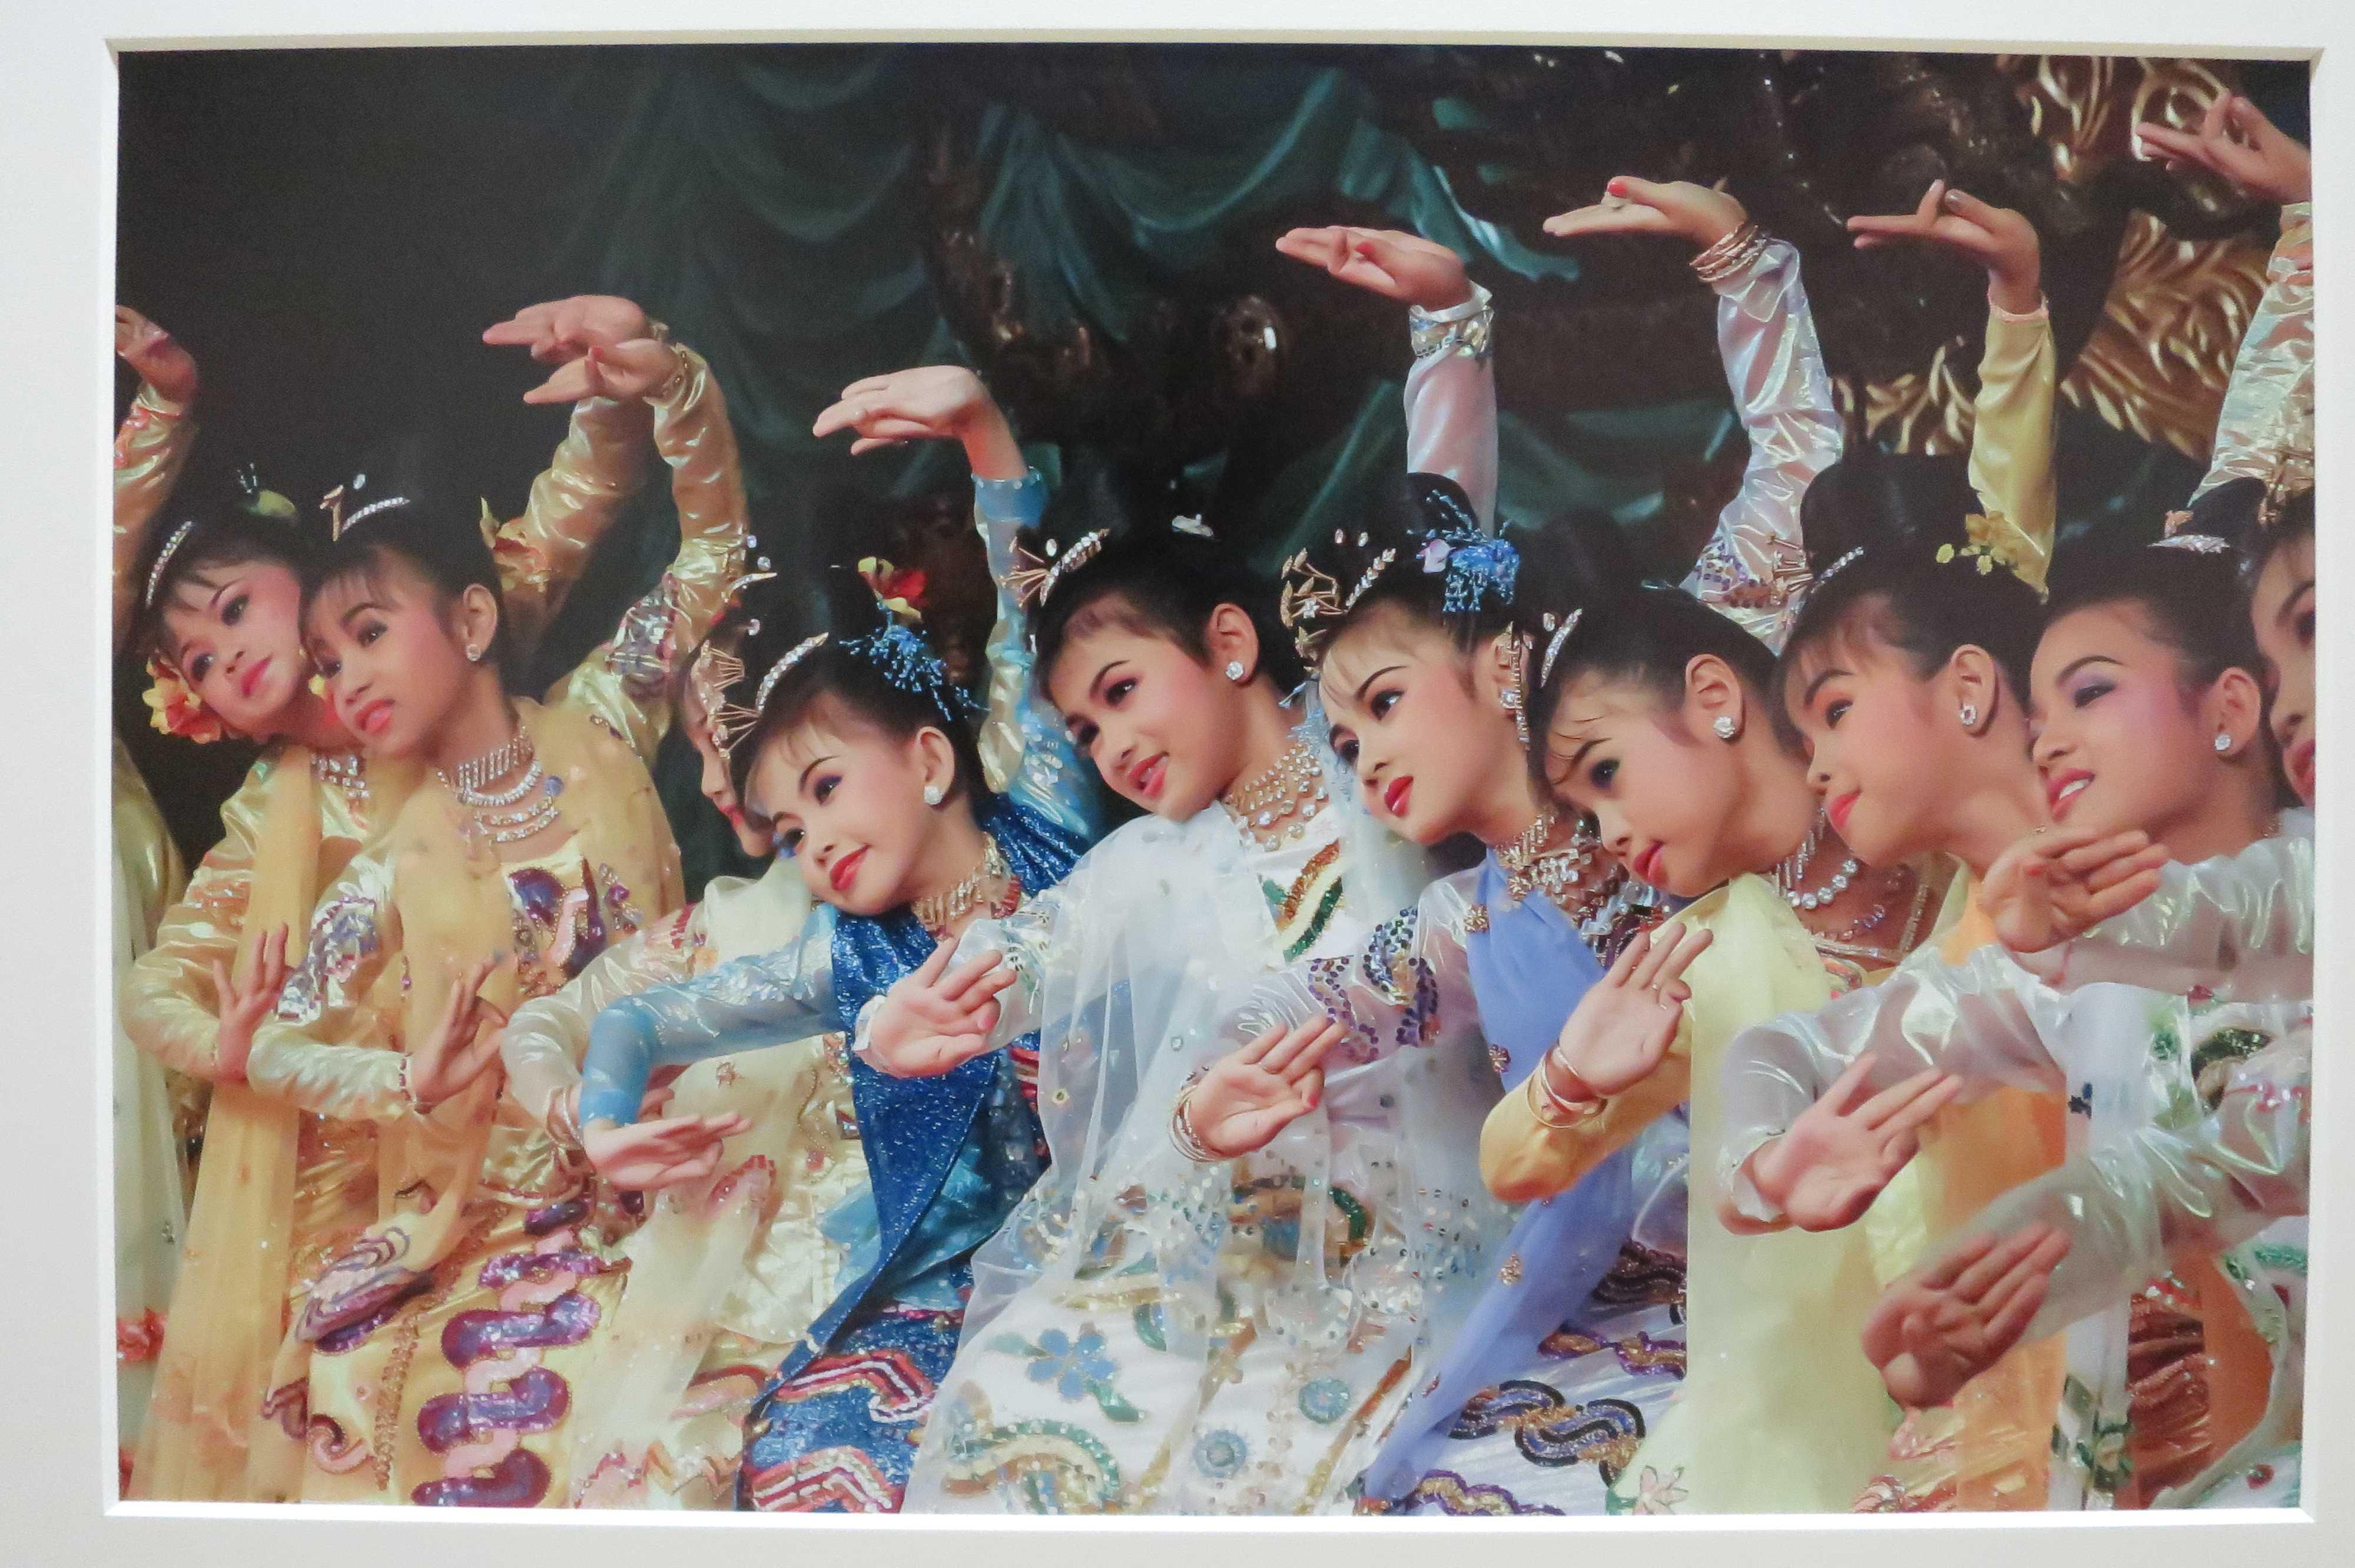 ミャンマー伝統芸能コンクール - 日本・ミャンマー交流写真展